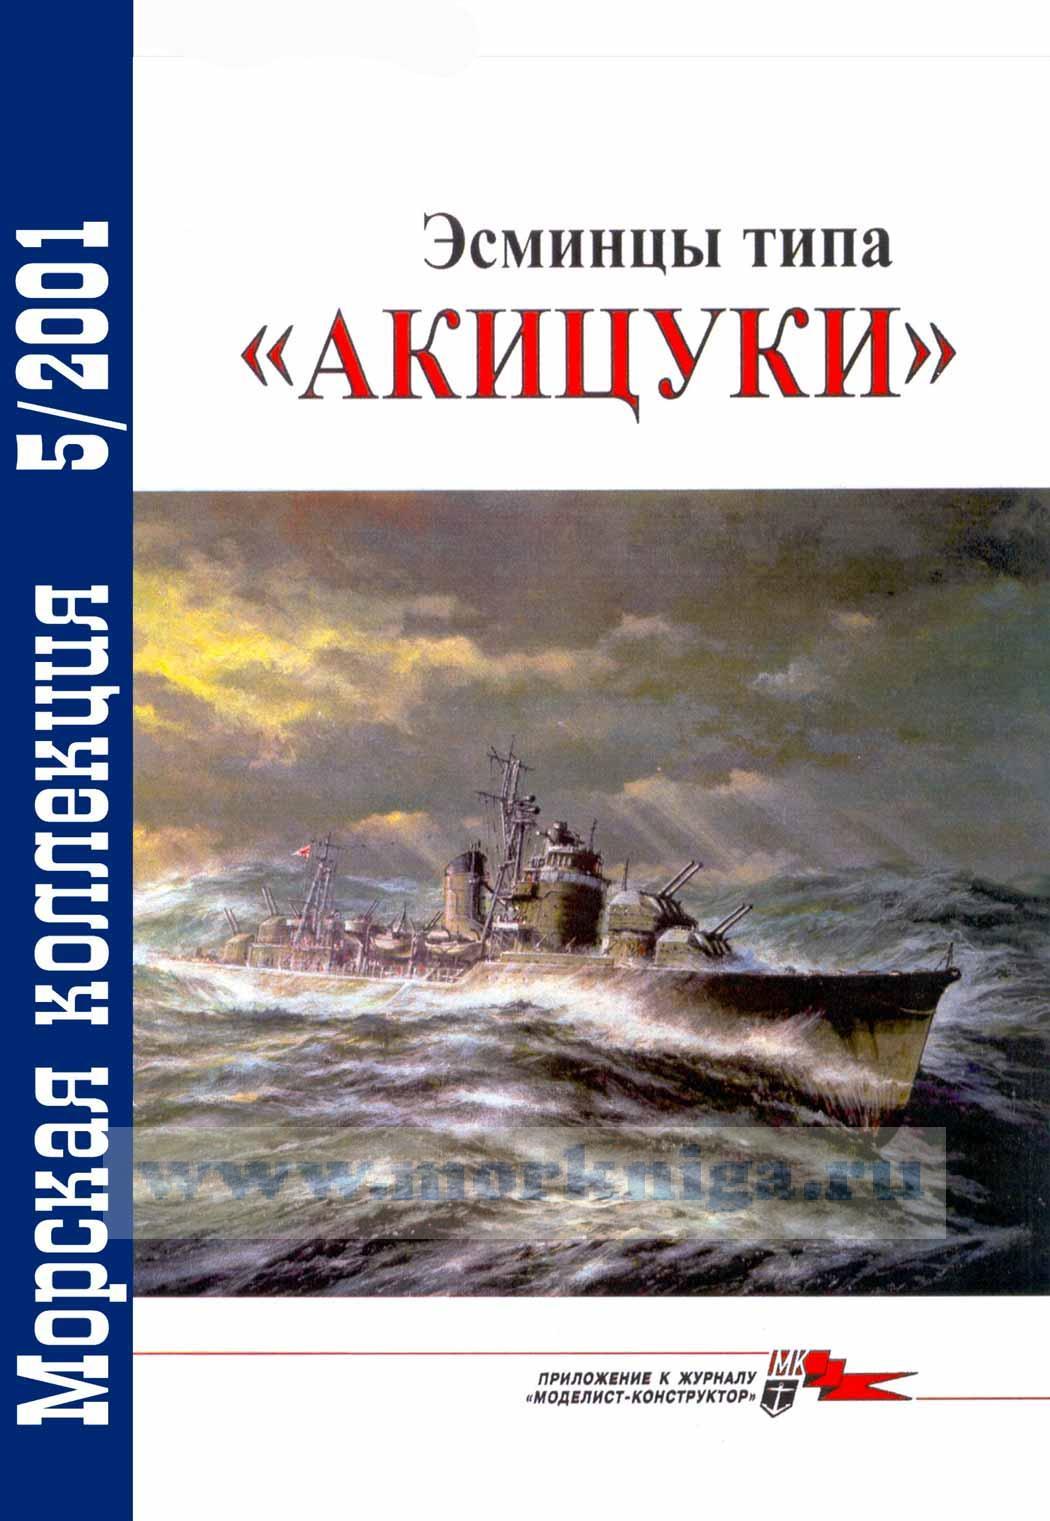 Эсминец типа «Акицуки». Морская коллекция №5 (2001)